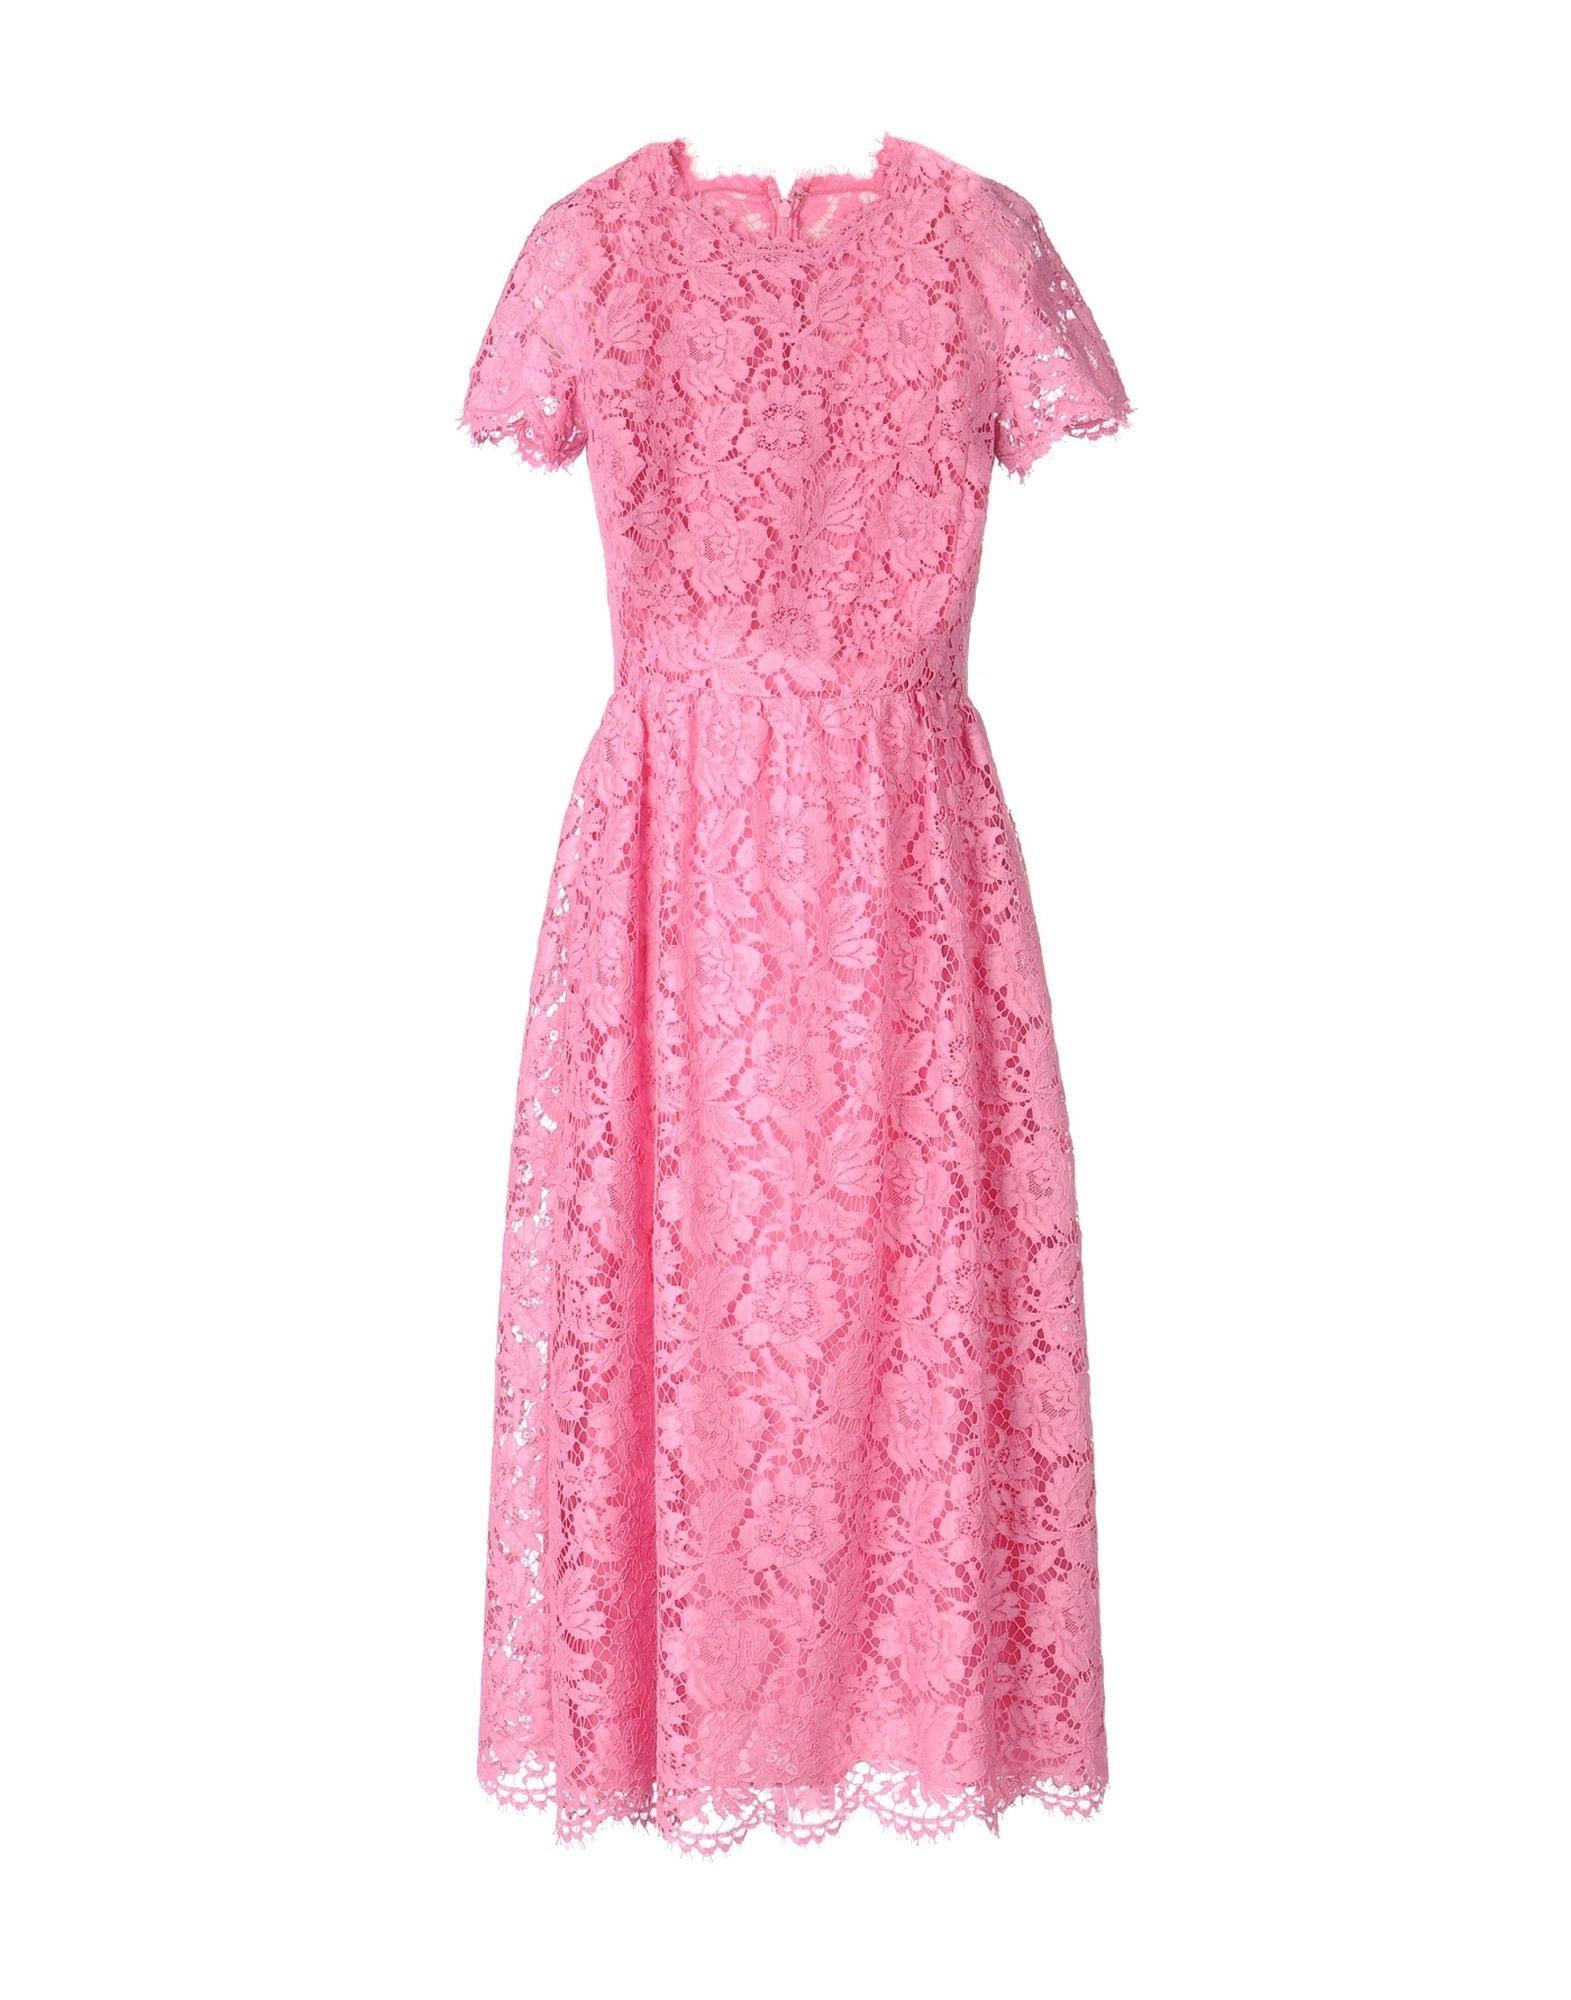 Designer Einzigartig Damen Kleider Midi Spezialgebiet15 Wunderbar Damen Kleider Midi Galerie